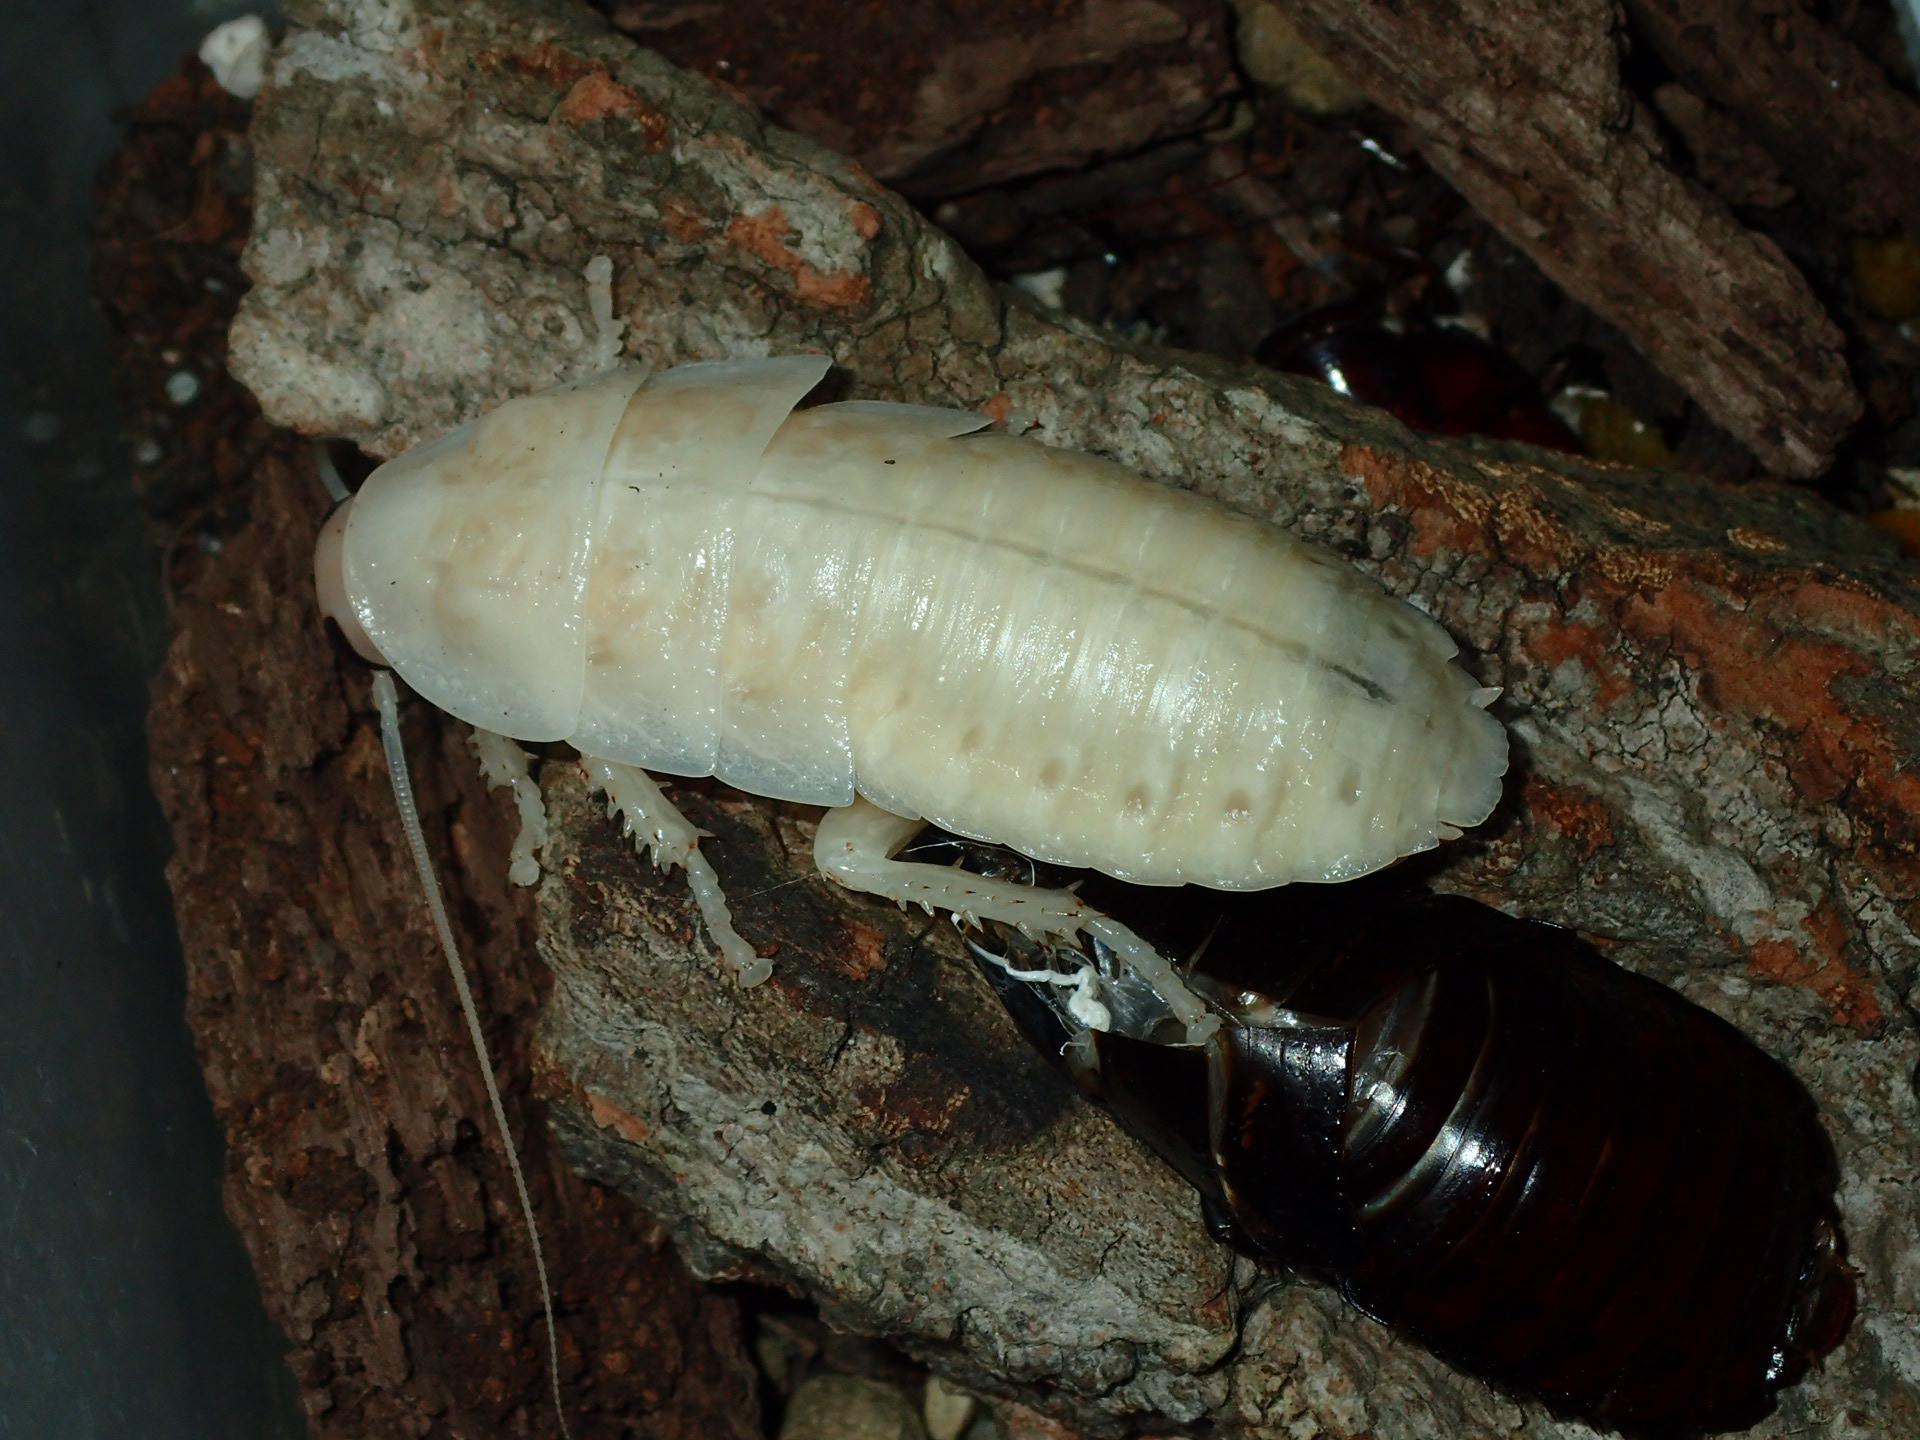 Hissing Roach - Still Vulnerable